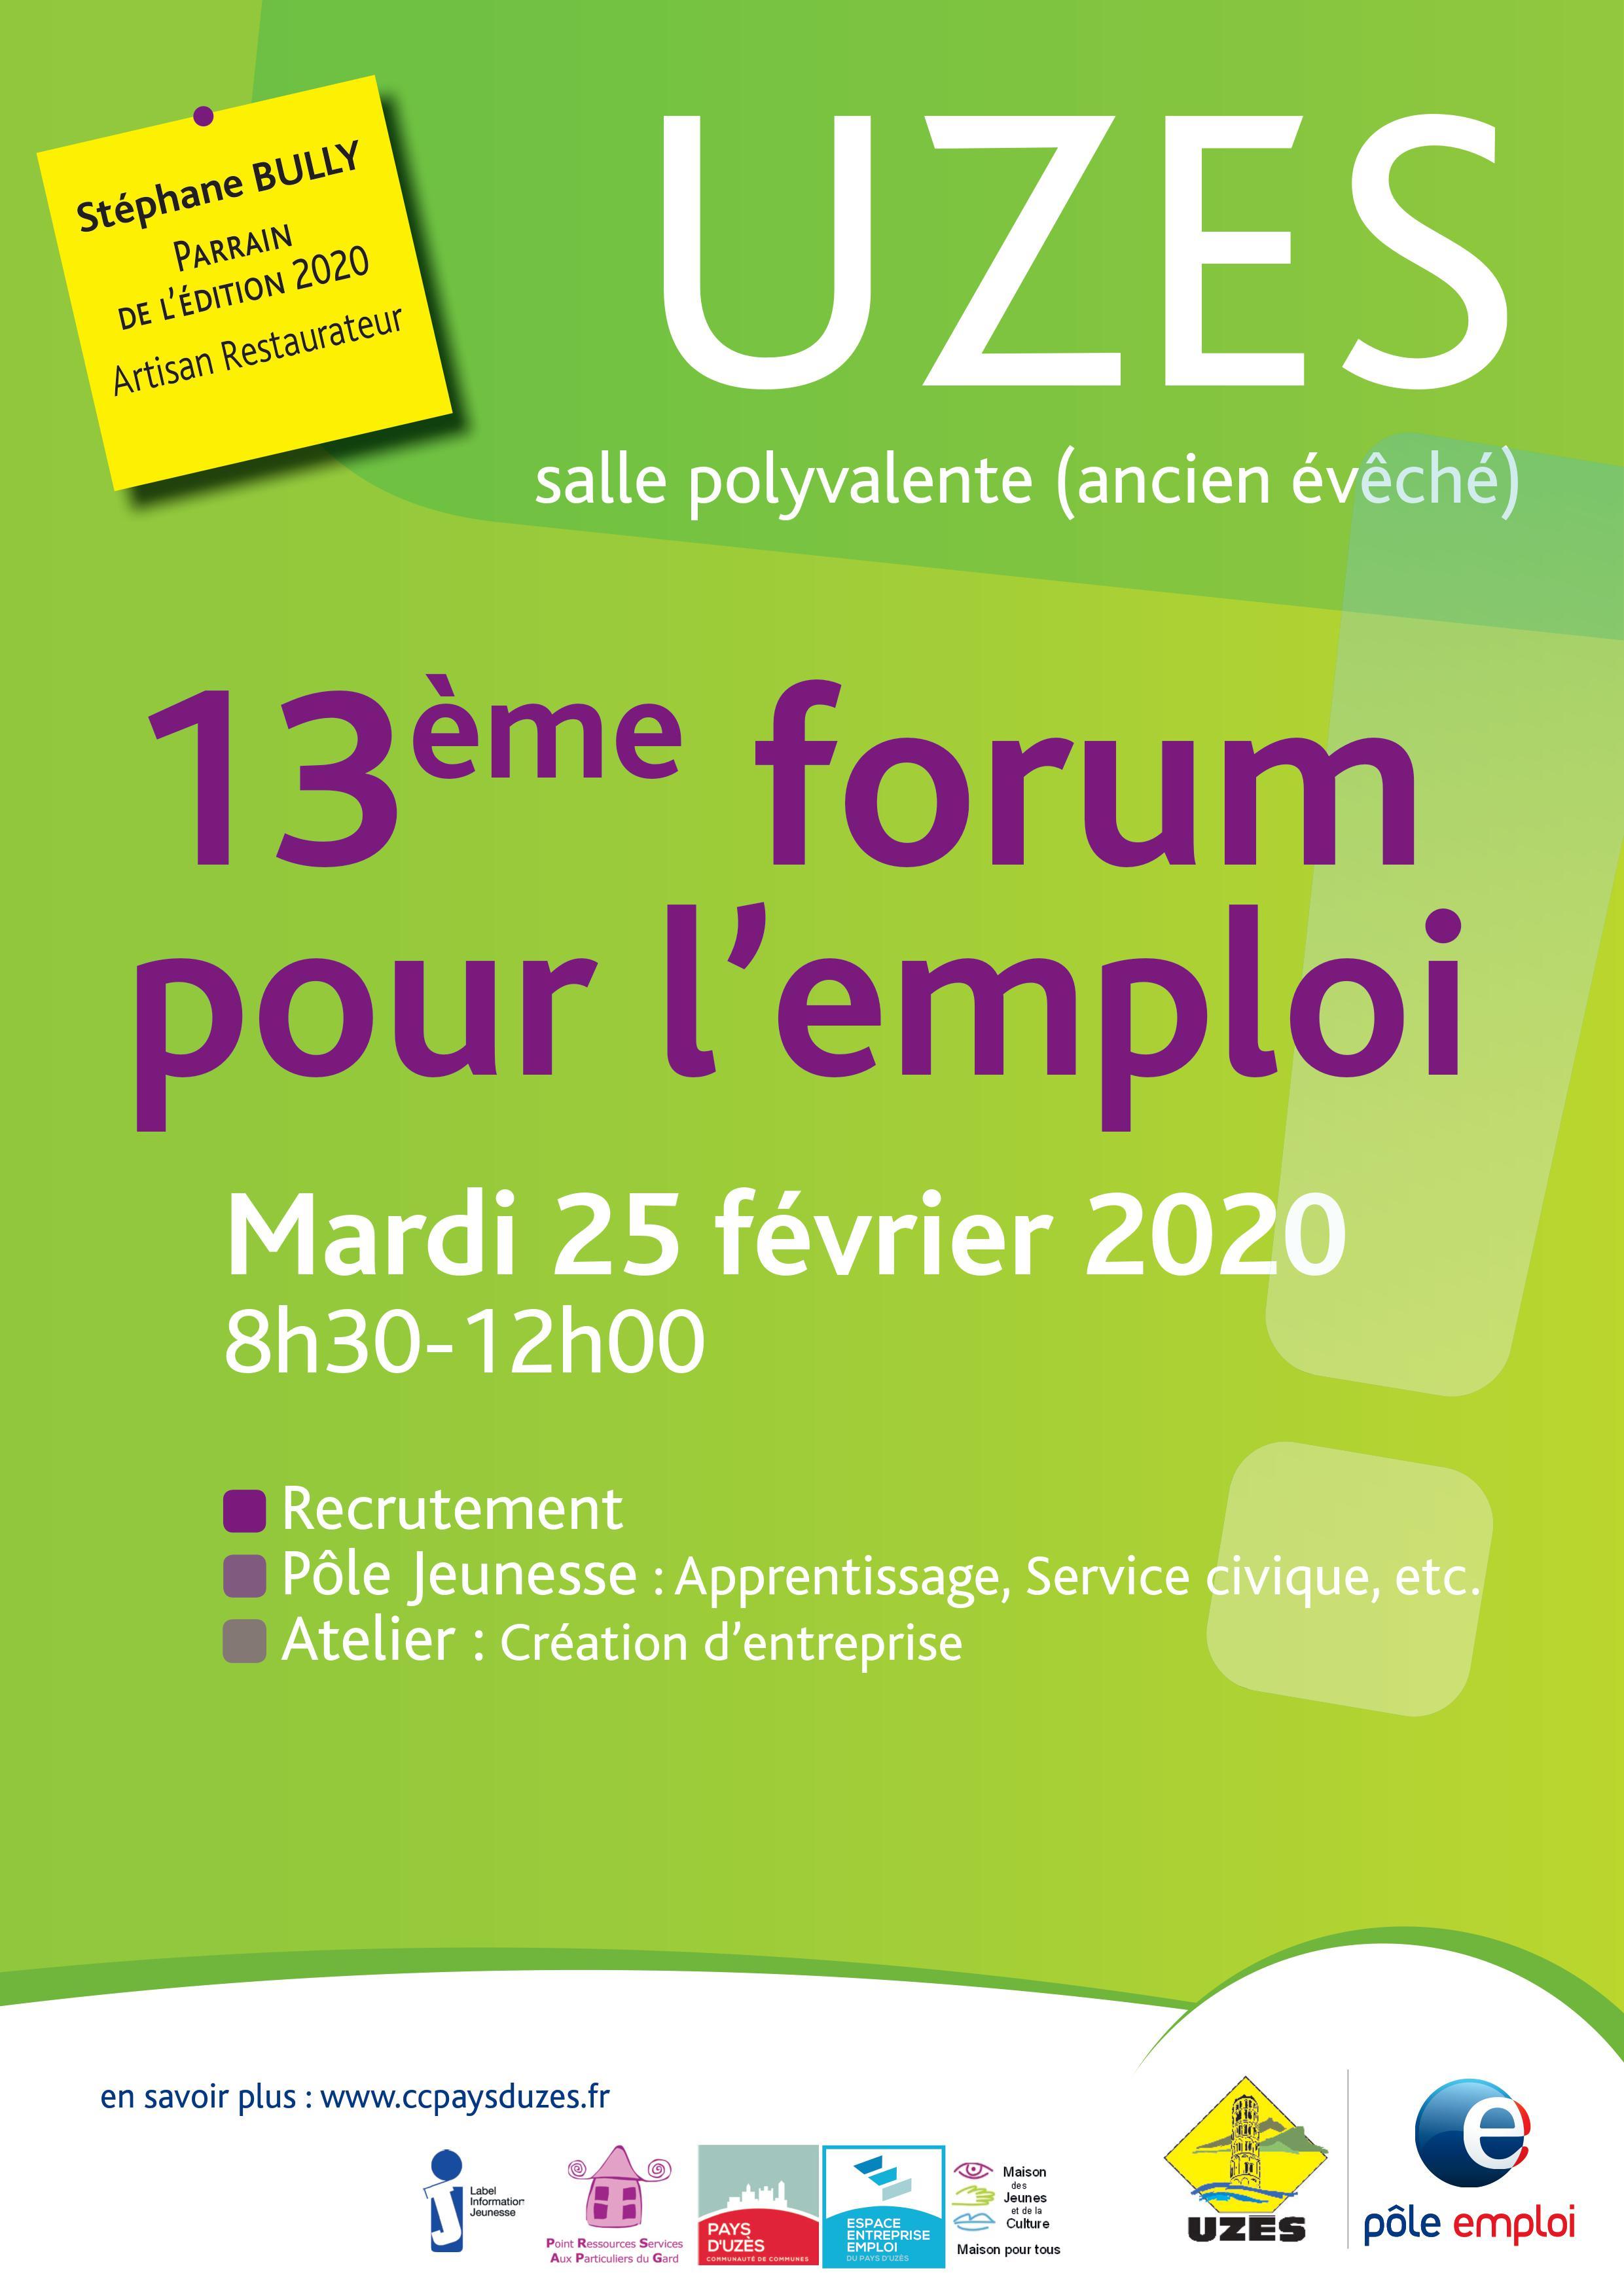 13ème Forum pour l'Emploi